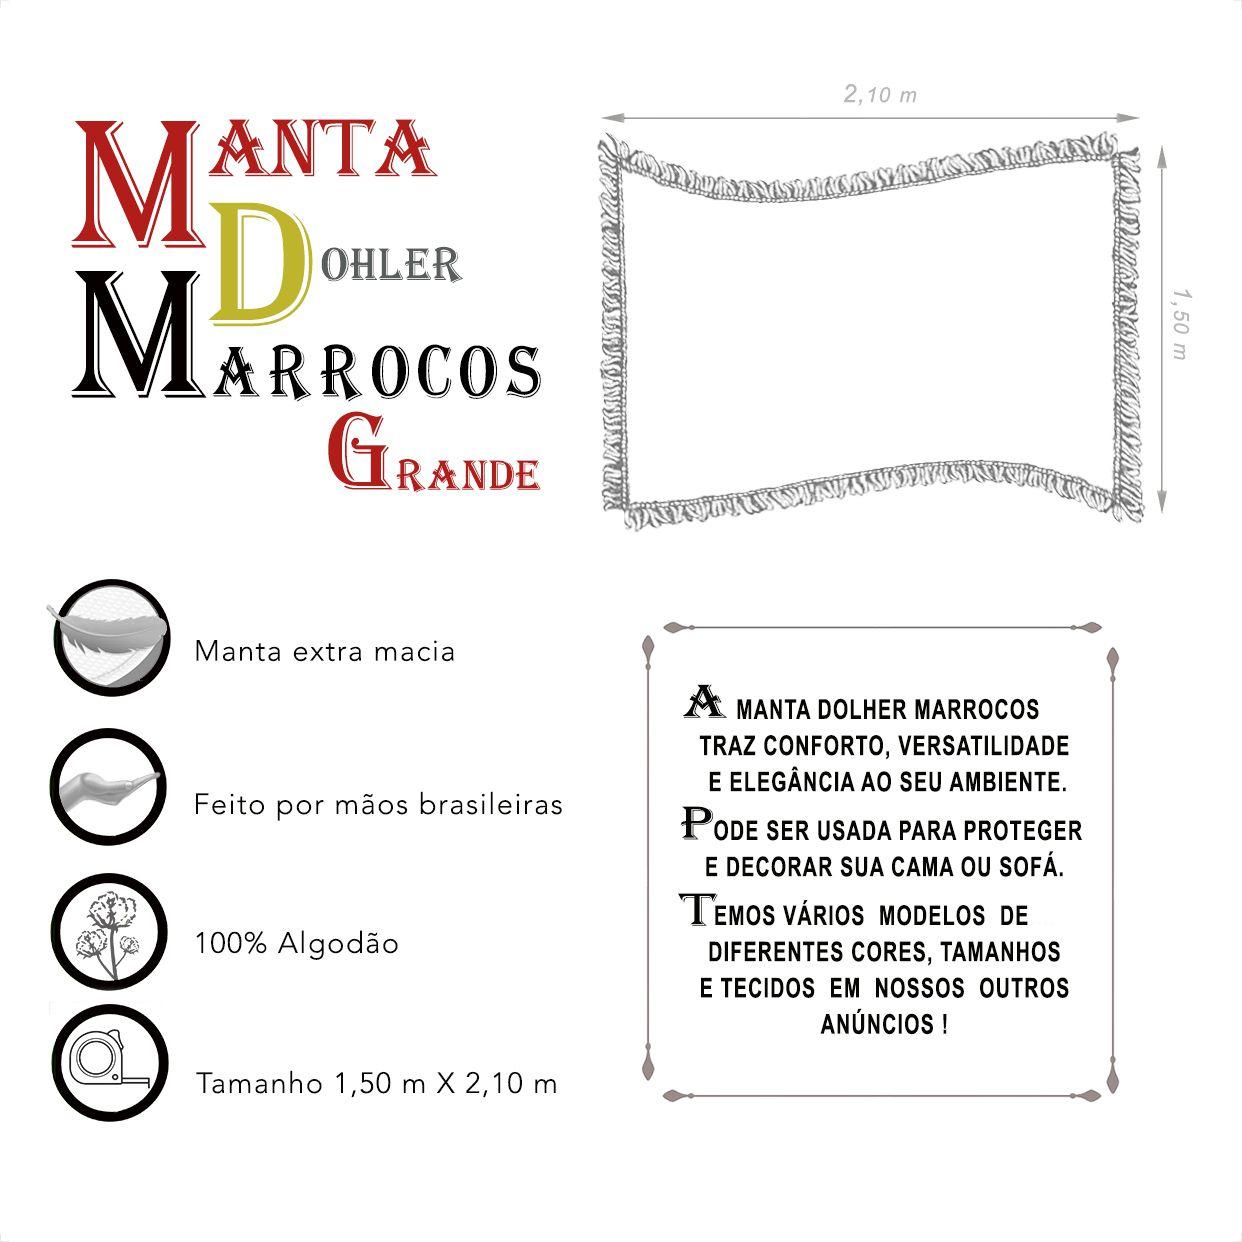 Manta Dohler Marrocos Grande (1,50m x 2,10m)